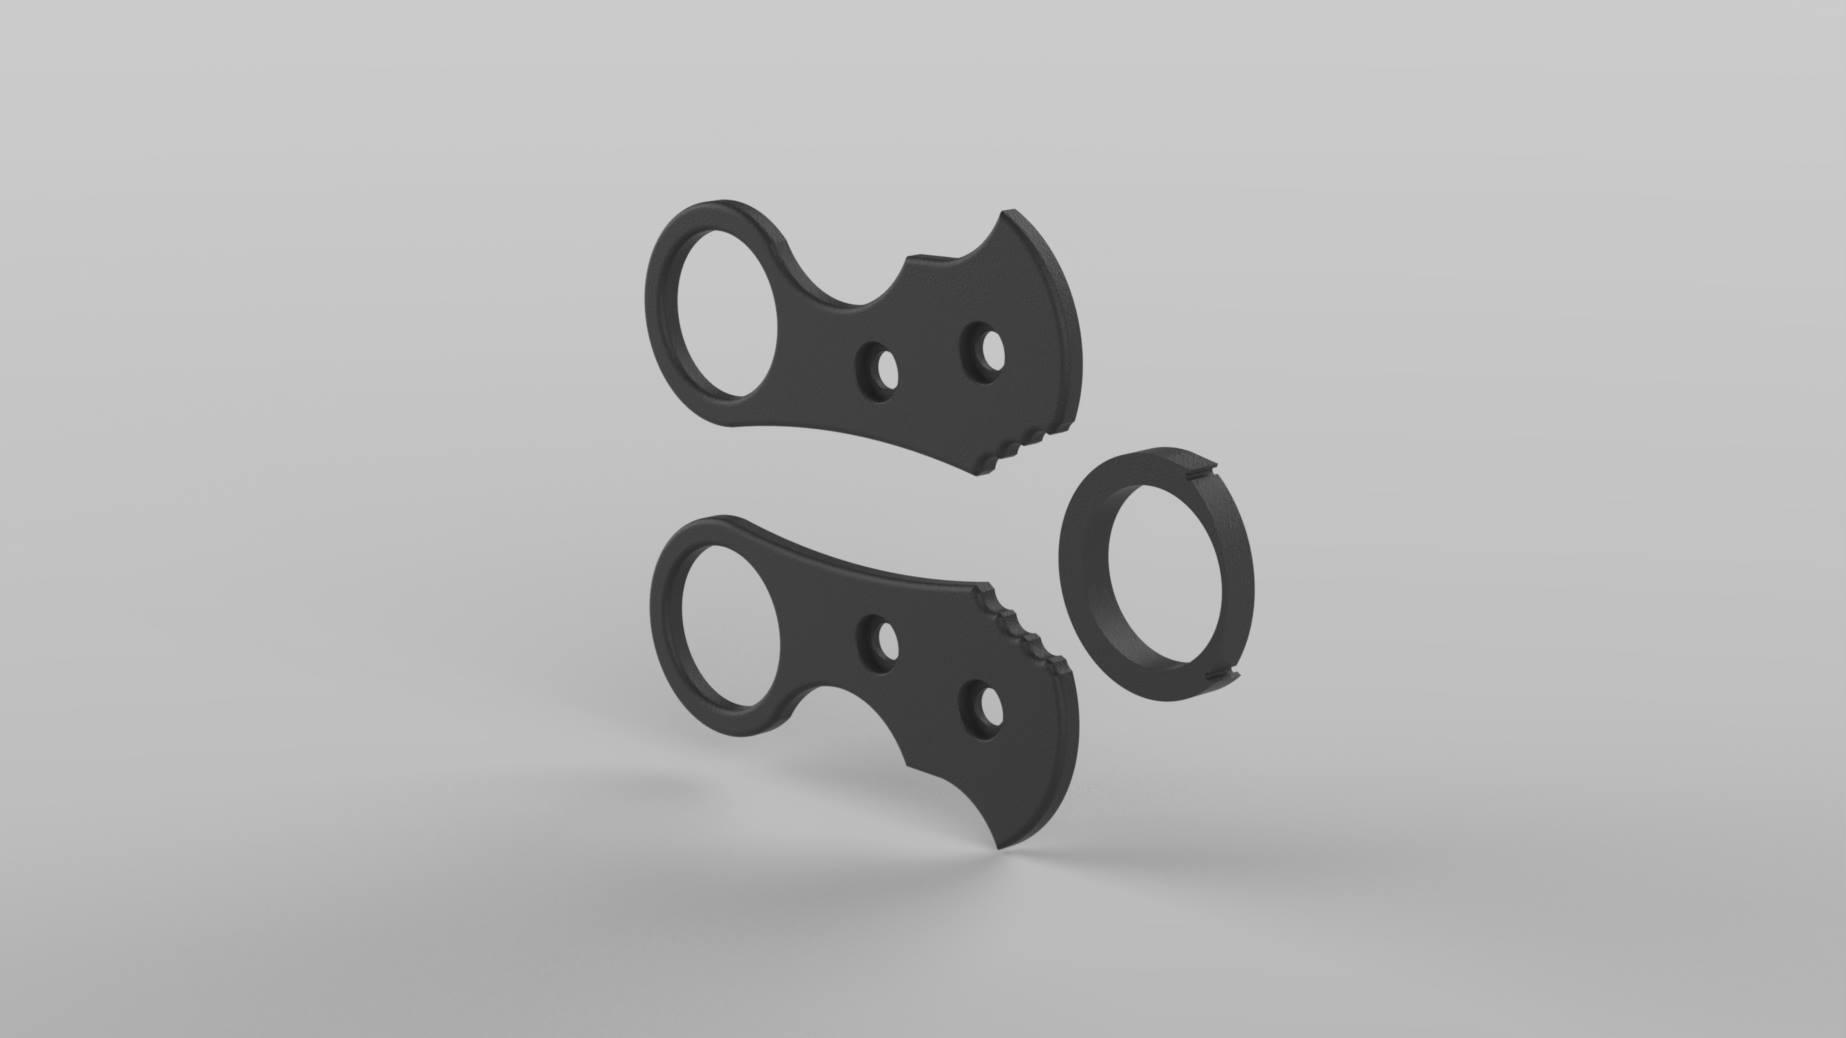 Böker Plus URD 2.0 Griff kleiner Ring alle Muster Download zum selber Drucken